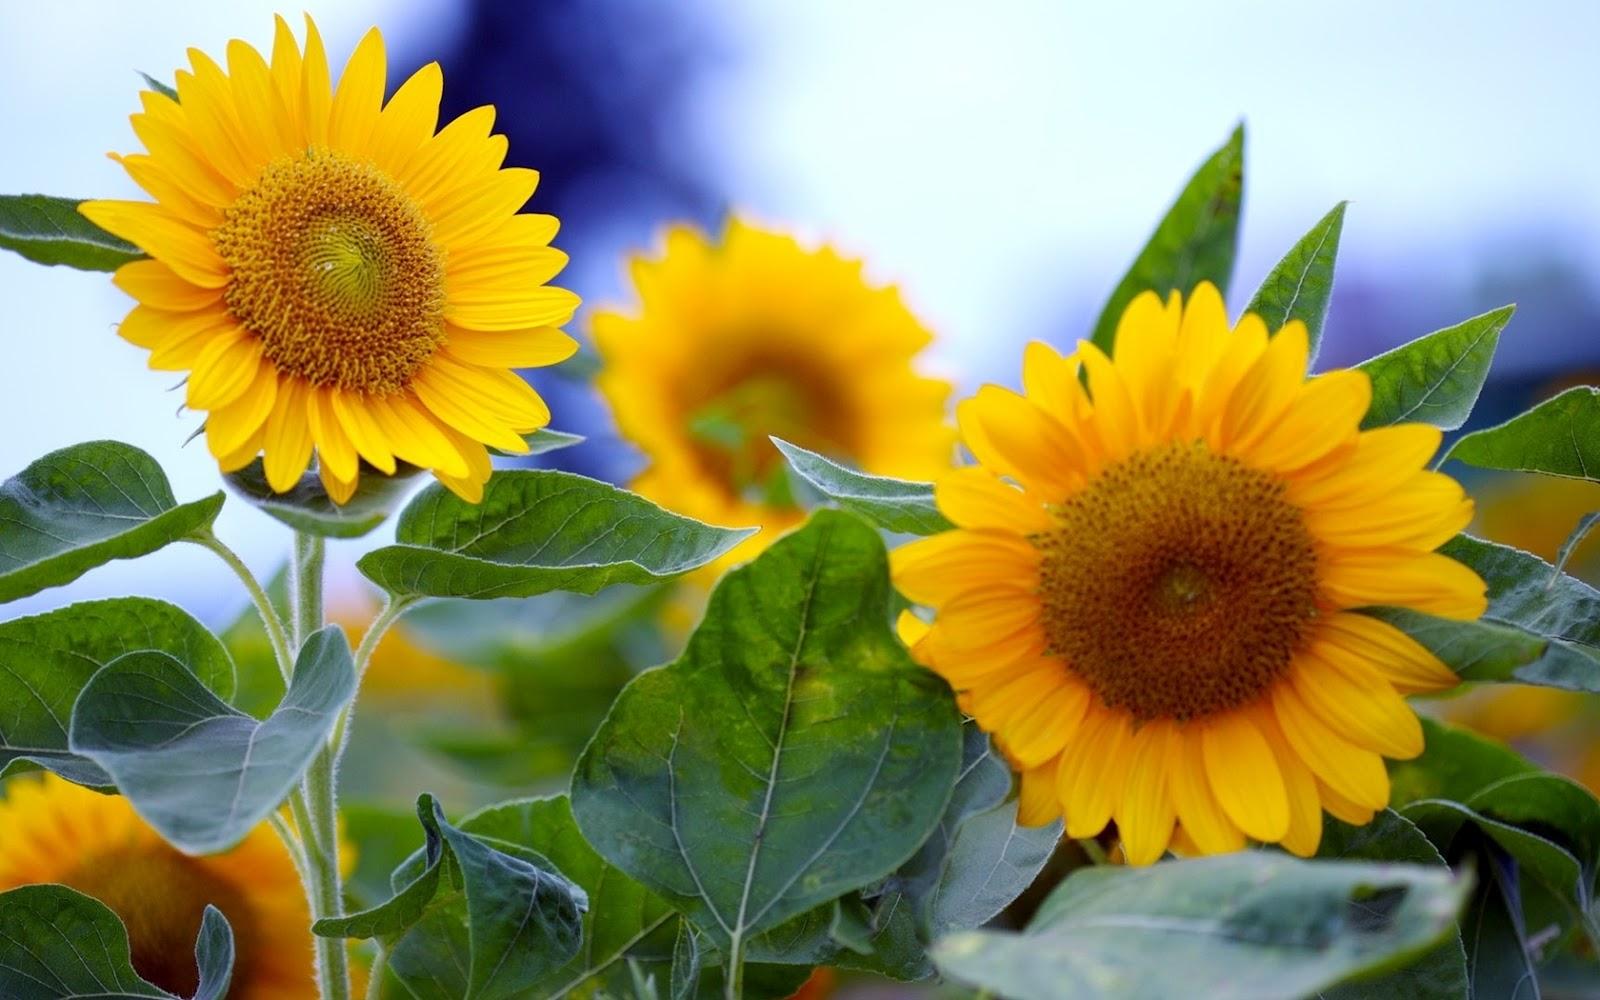 10 hermosas fotos de flores im genes de flores en hd fotos e im genes en fotoblog x - Fotos de plantas bonitas ...